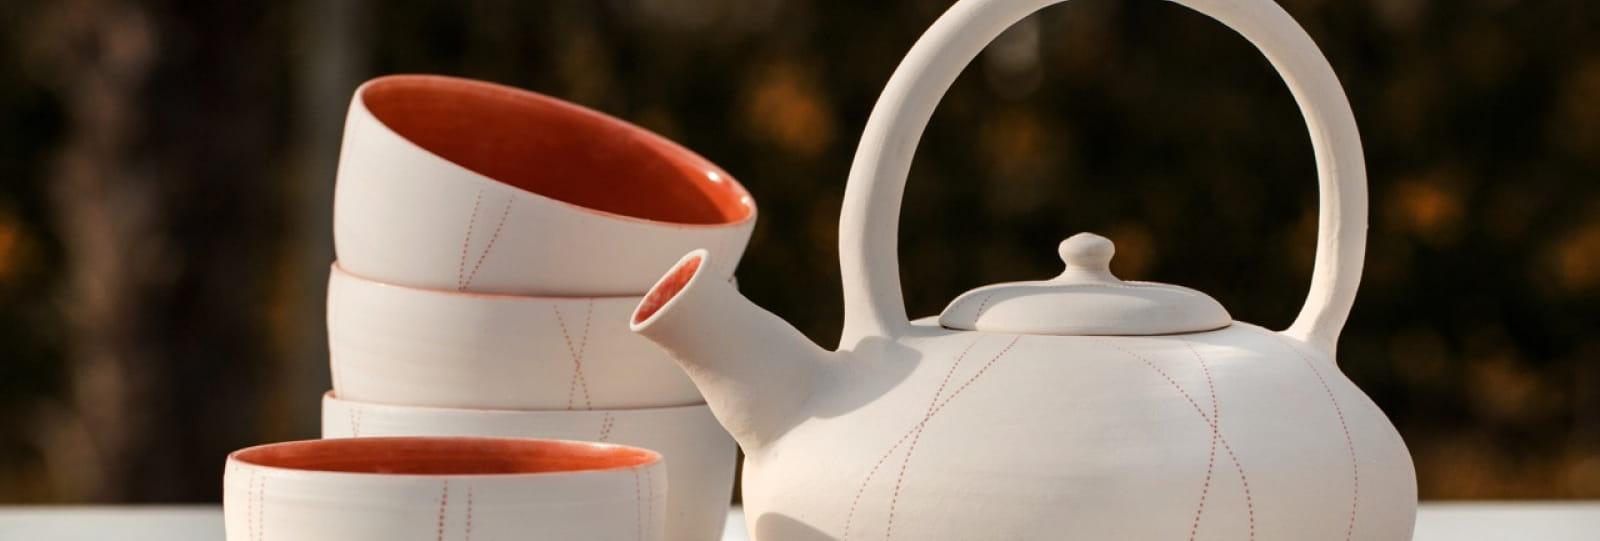 Théière à thé et tasses